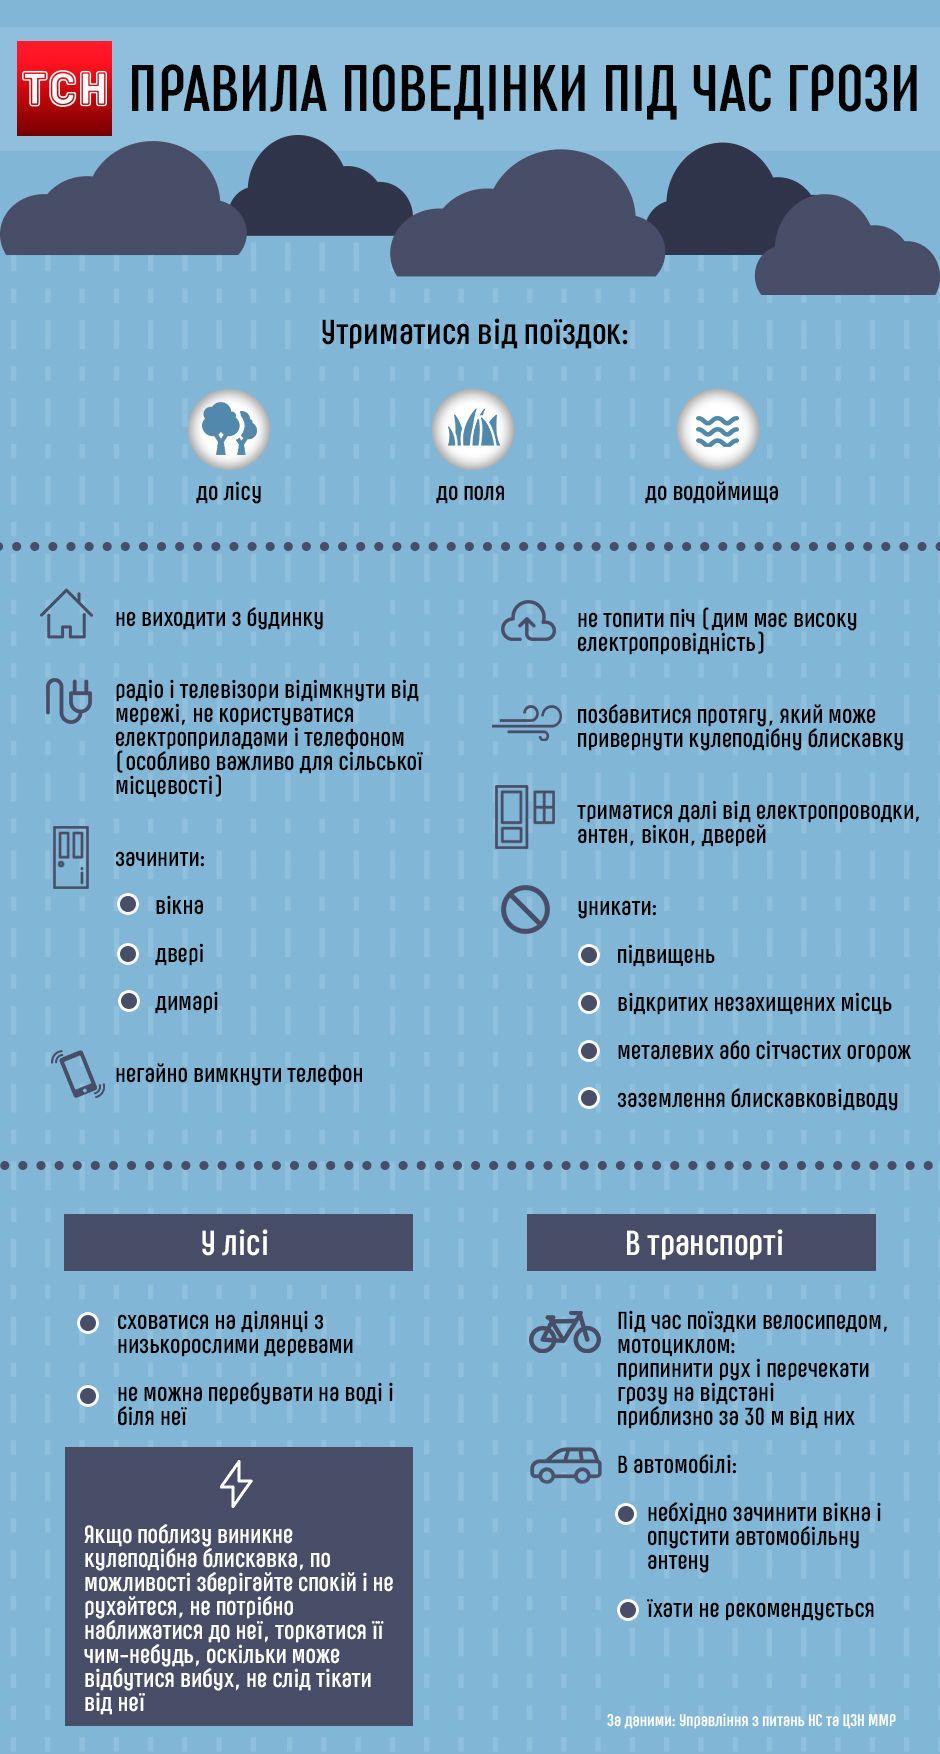 Правила поведінки під час грози, інфографіка